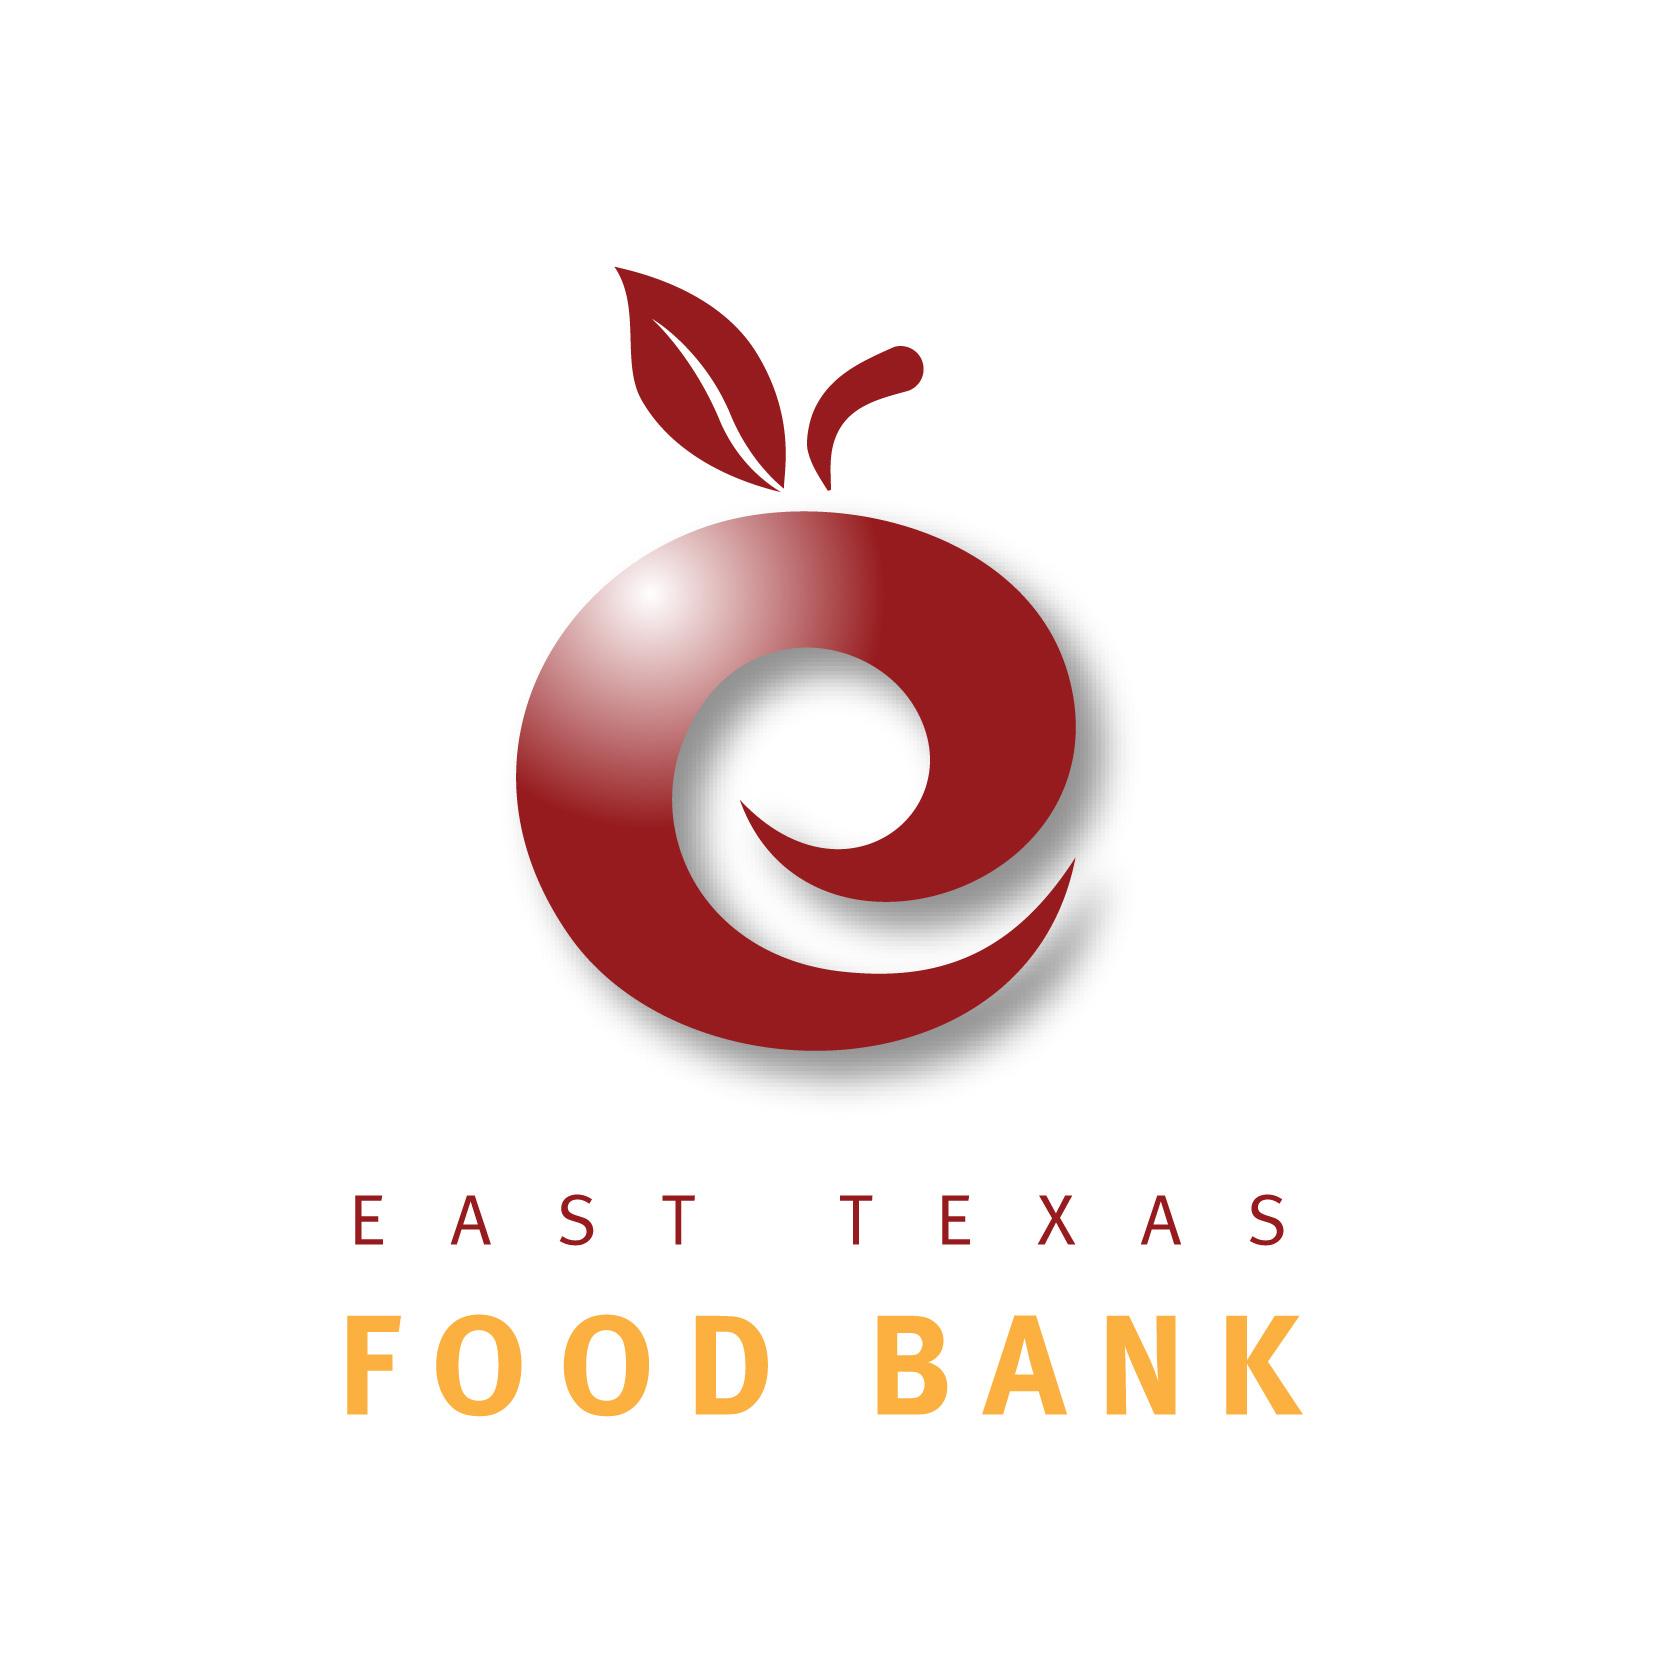 logos_east texas food bank-01.jpg